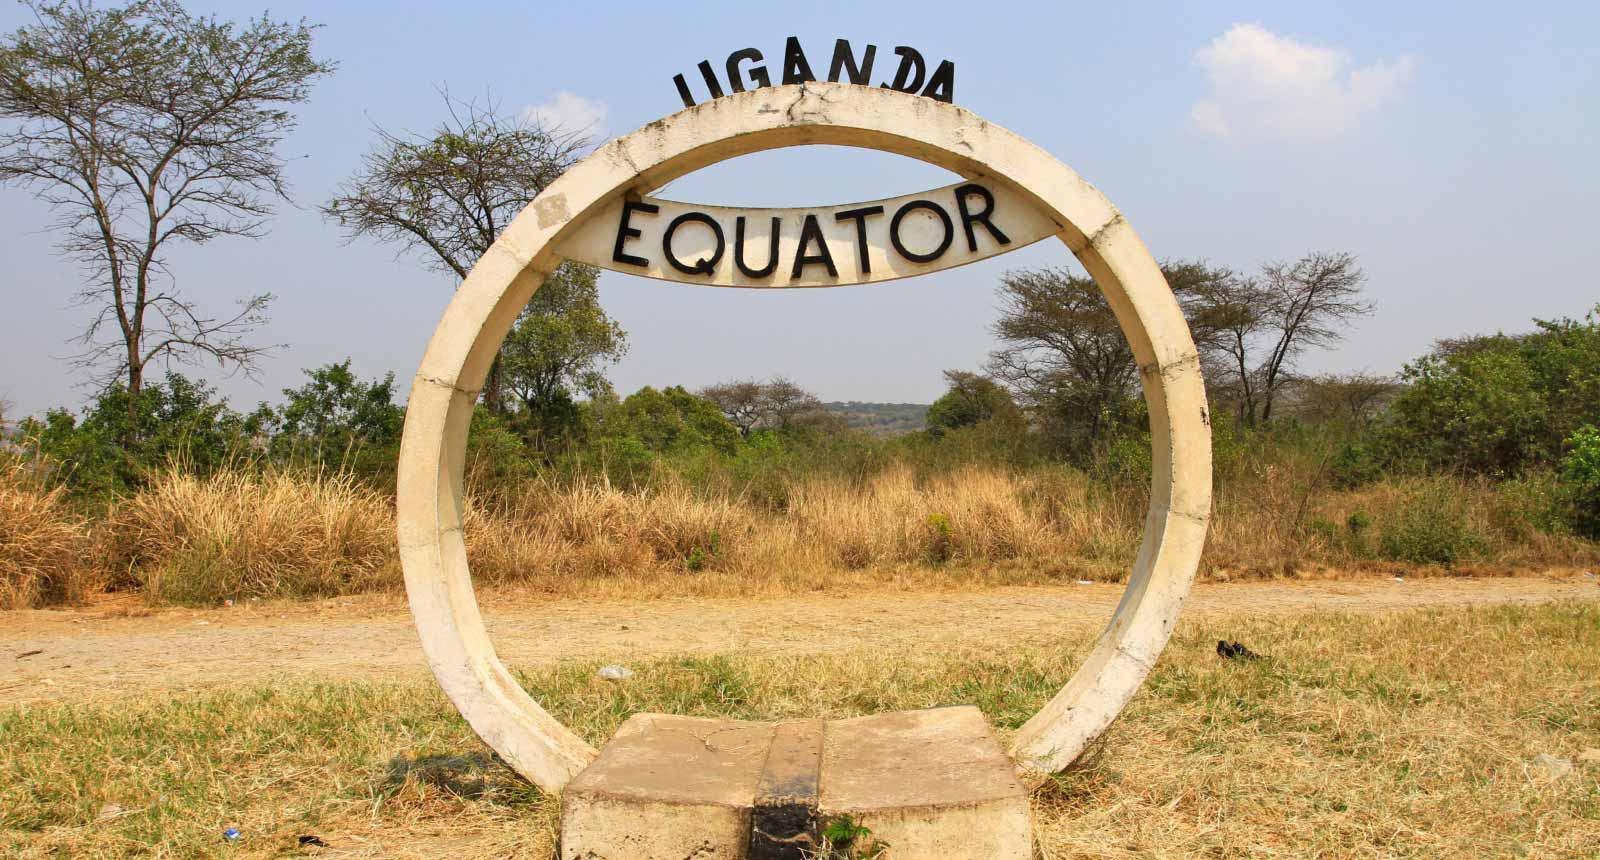 Jinja, Equator & Chimp Tour